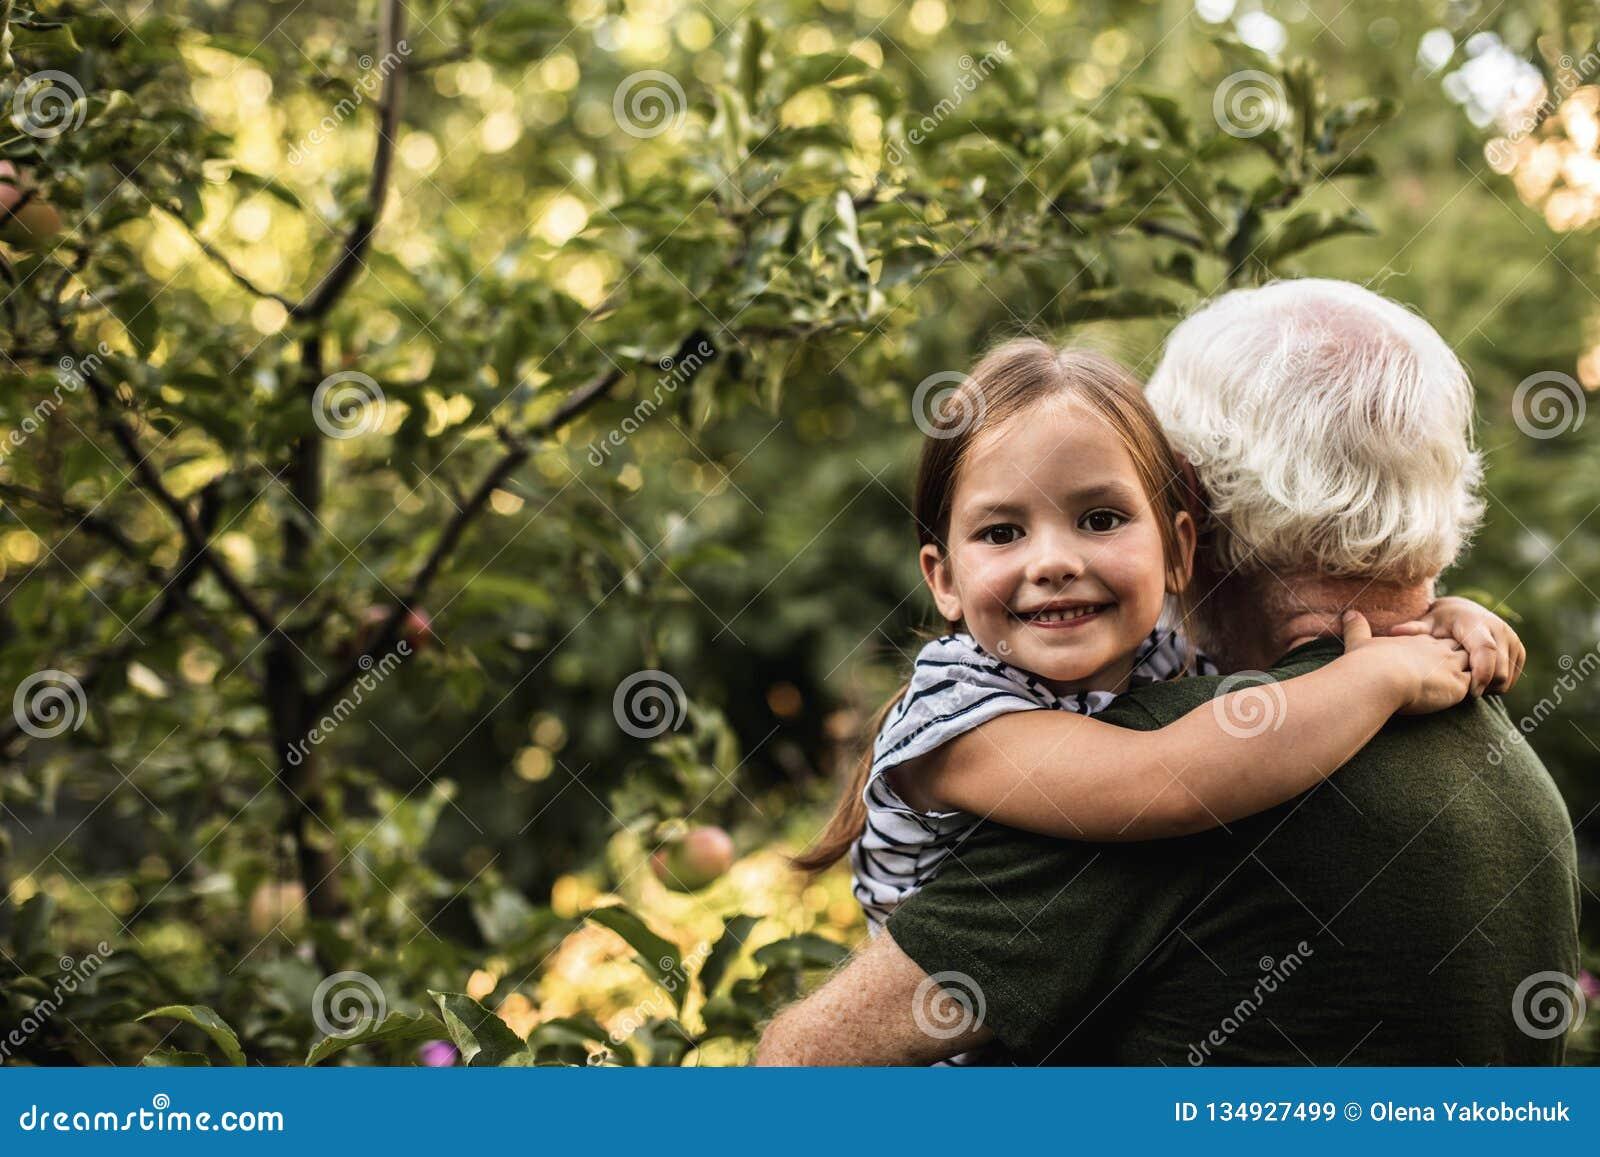 Niña bonita con su abuelo en jardín